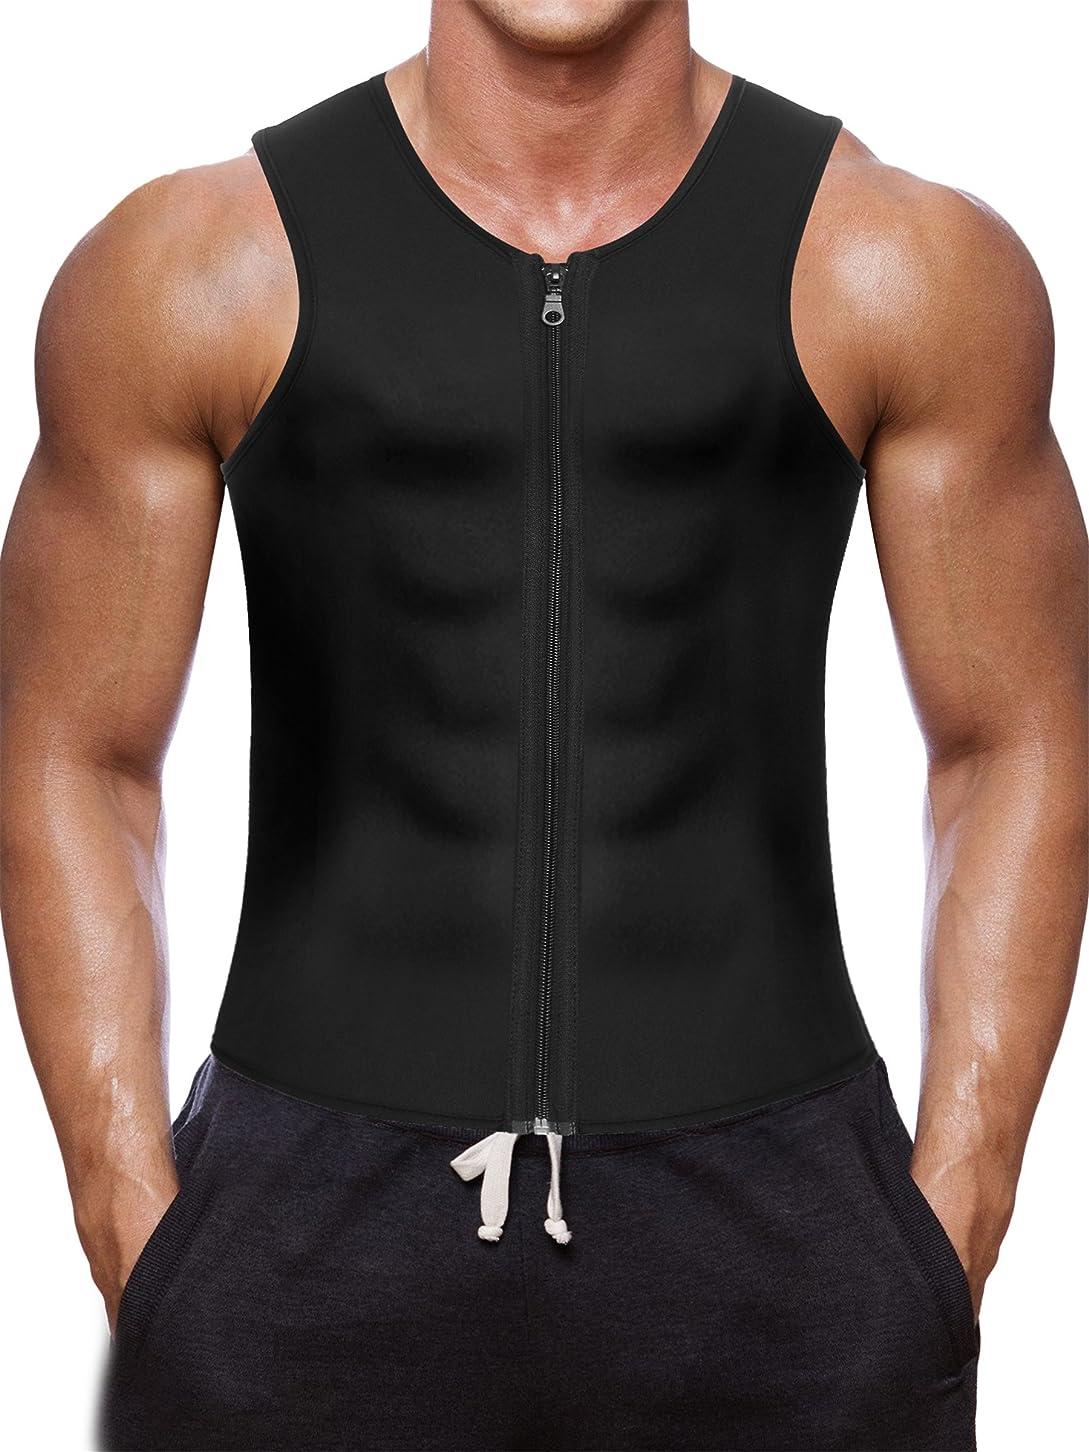 トレッド前兆無秩序ctrilady サウナスーツ ダイエットスーツ ダイエットウェア スポーツウェア 運動着 男性用 サウナ効果 トレーニングウェア 減量用 発汗 シャツ お腹まわり 脂肪燃焼 お腹引き締め 腹筋 メンズ ブラック